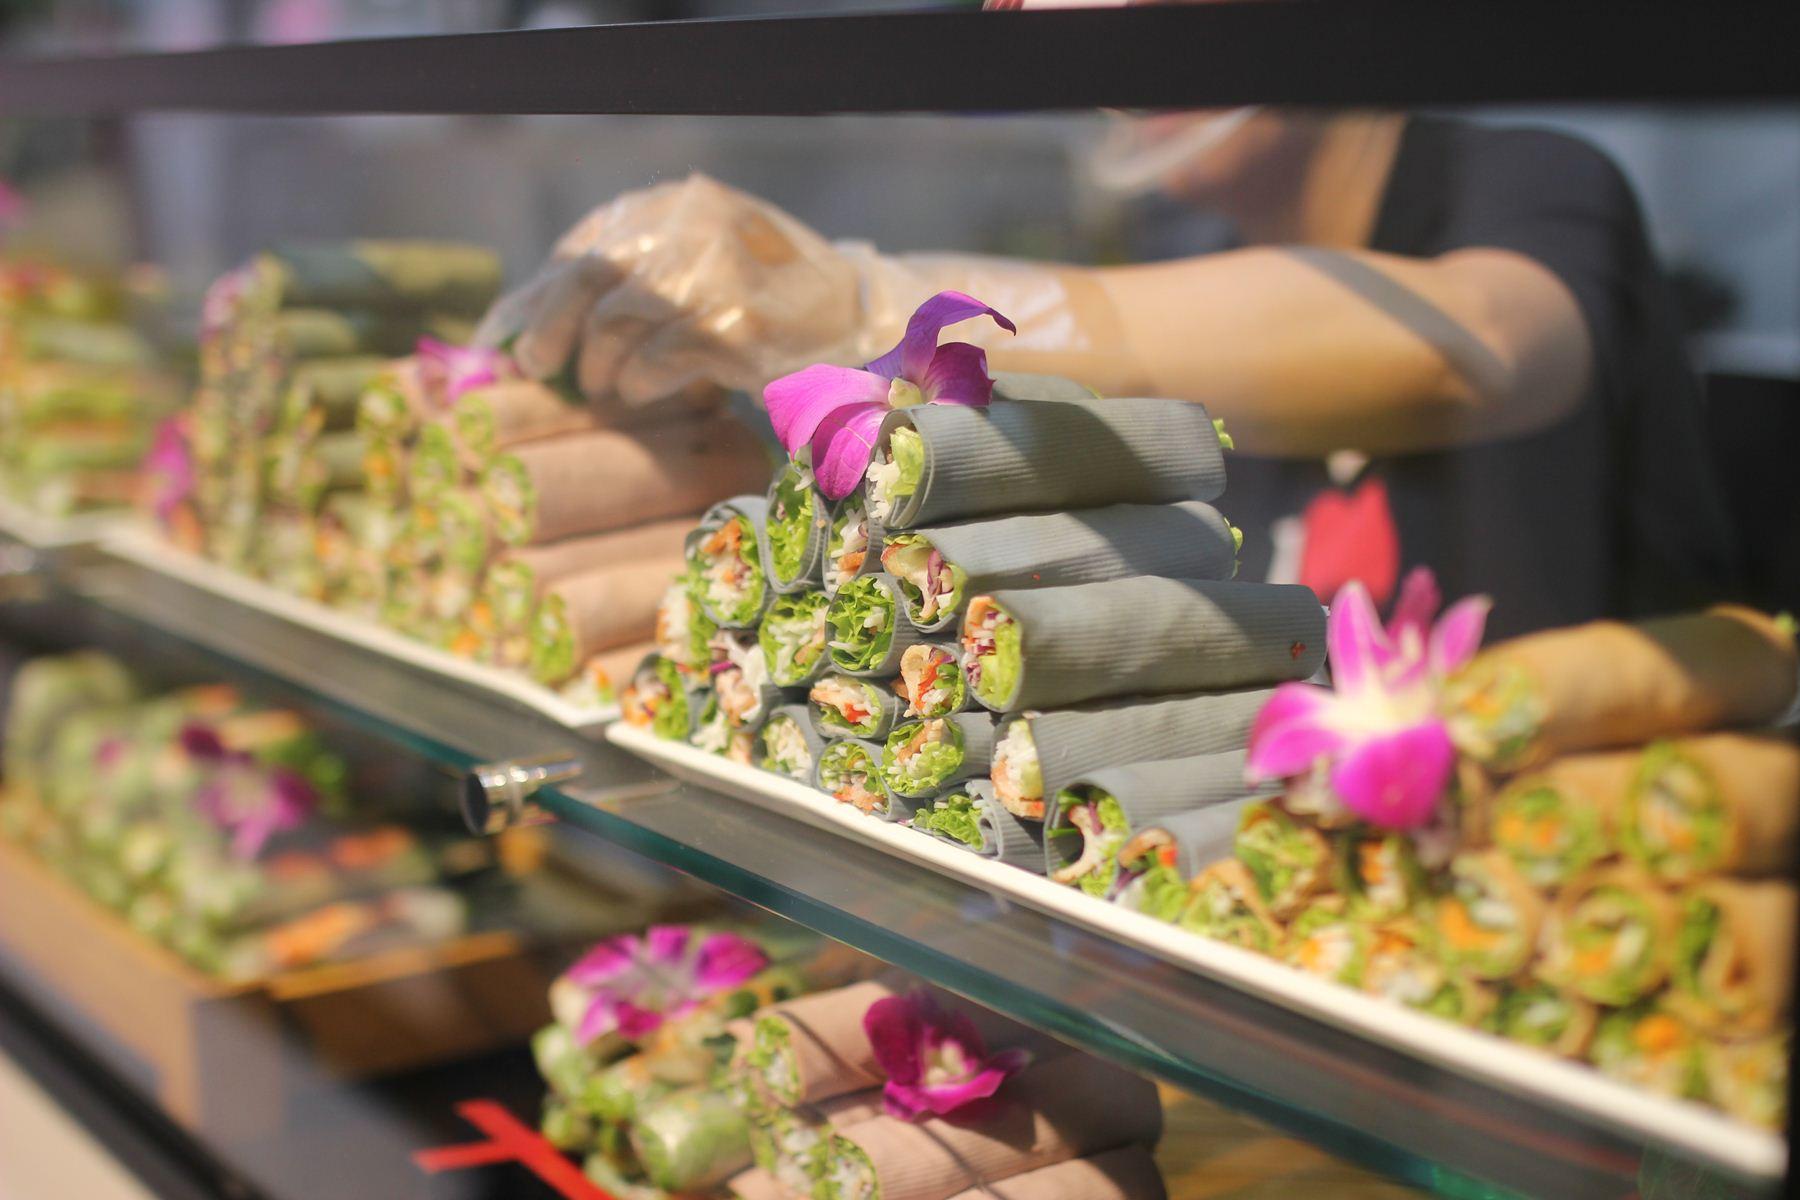 Nhà hàng Âu Lạc Healthy World thu hút các bạn trẻ với buffet hơn 150 món chay - Ảnh 2.